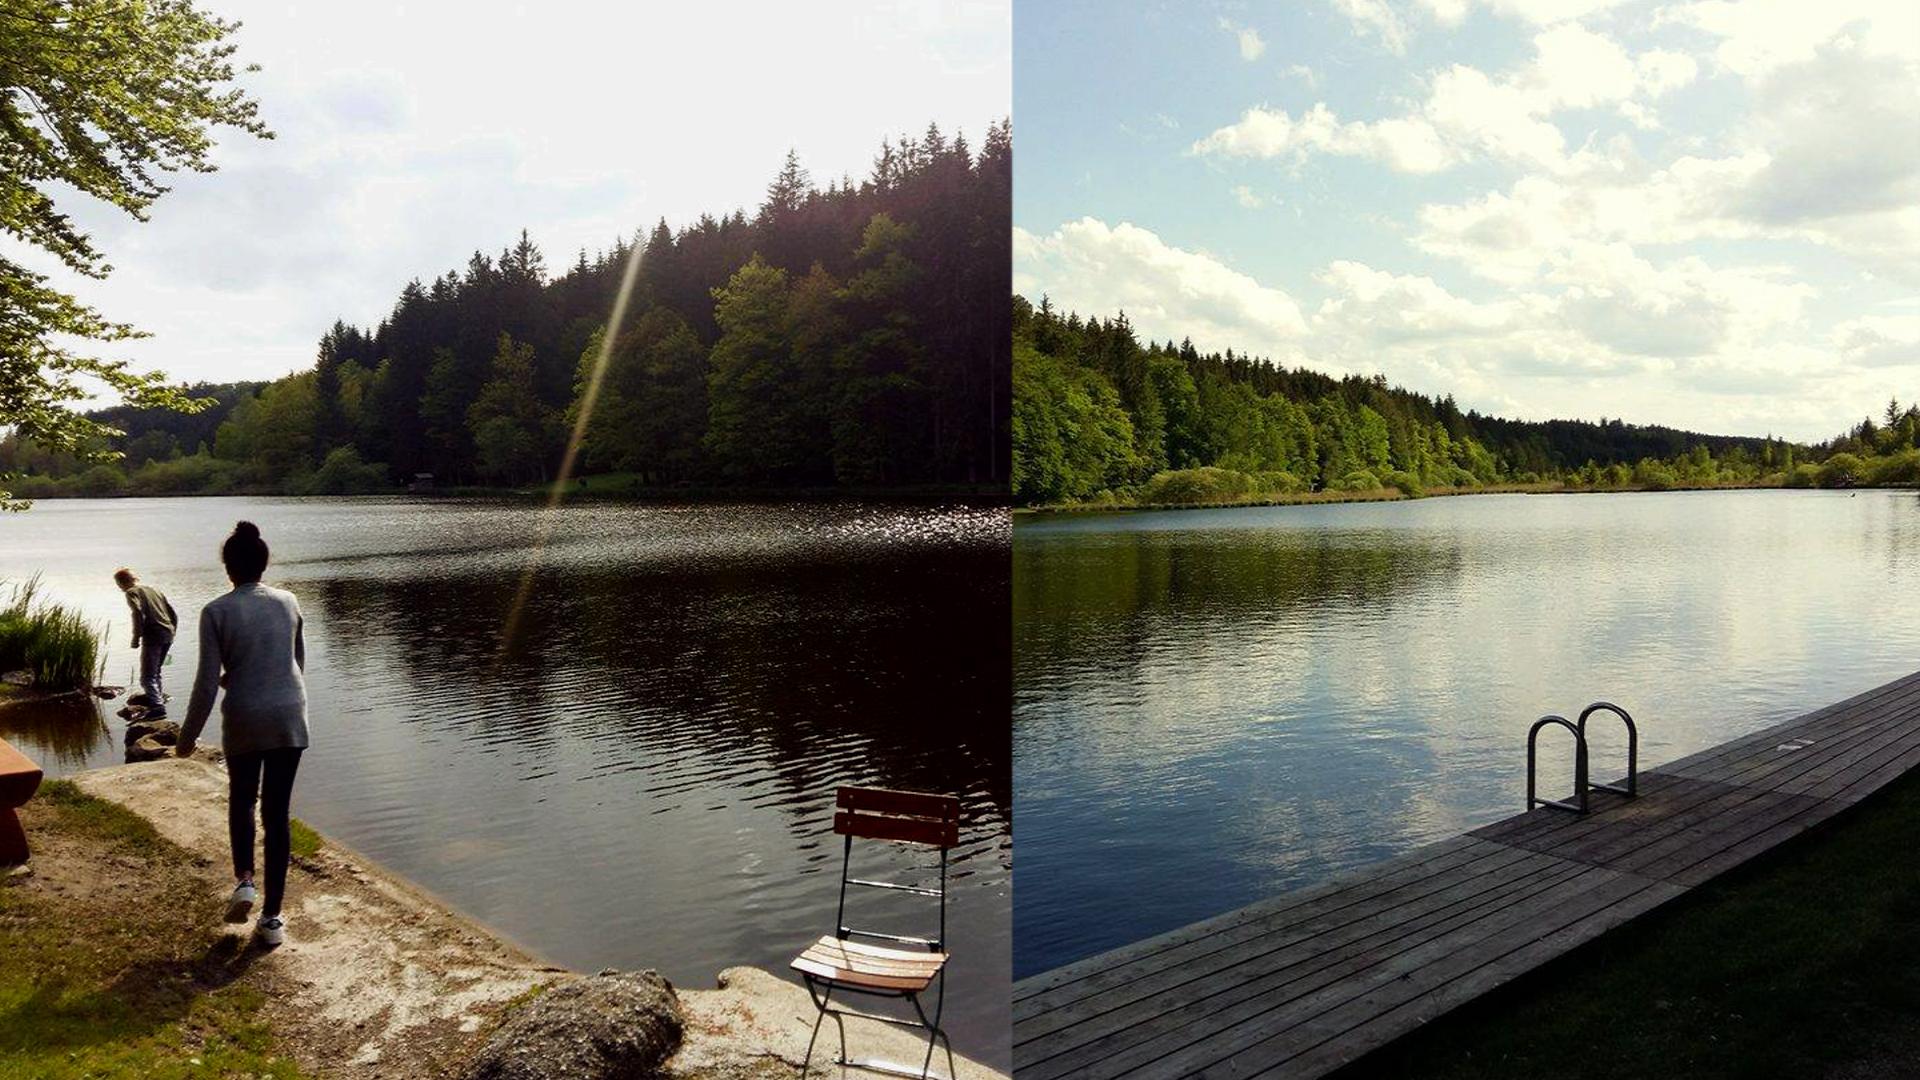 Heute machten wir einen Ausflug an den Deininger Weiher, ein Moorsee im Süden von München. Auch wenn es noch zu kalt war zum Baden, es ist immer schön und ruhig da dort. Der See selber ist nur 1,3 Meter tief, etwa 100 Meter breit und circa 270 Meter lang. Zum joggen um den See sind es aber dann schon über 1,2 km.